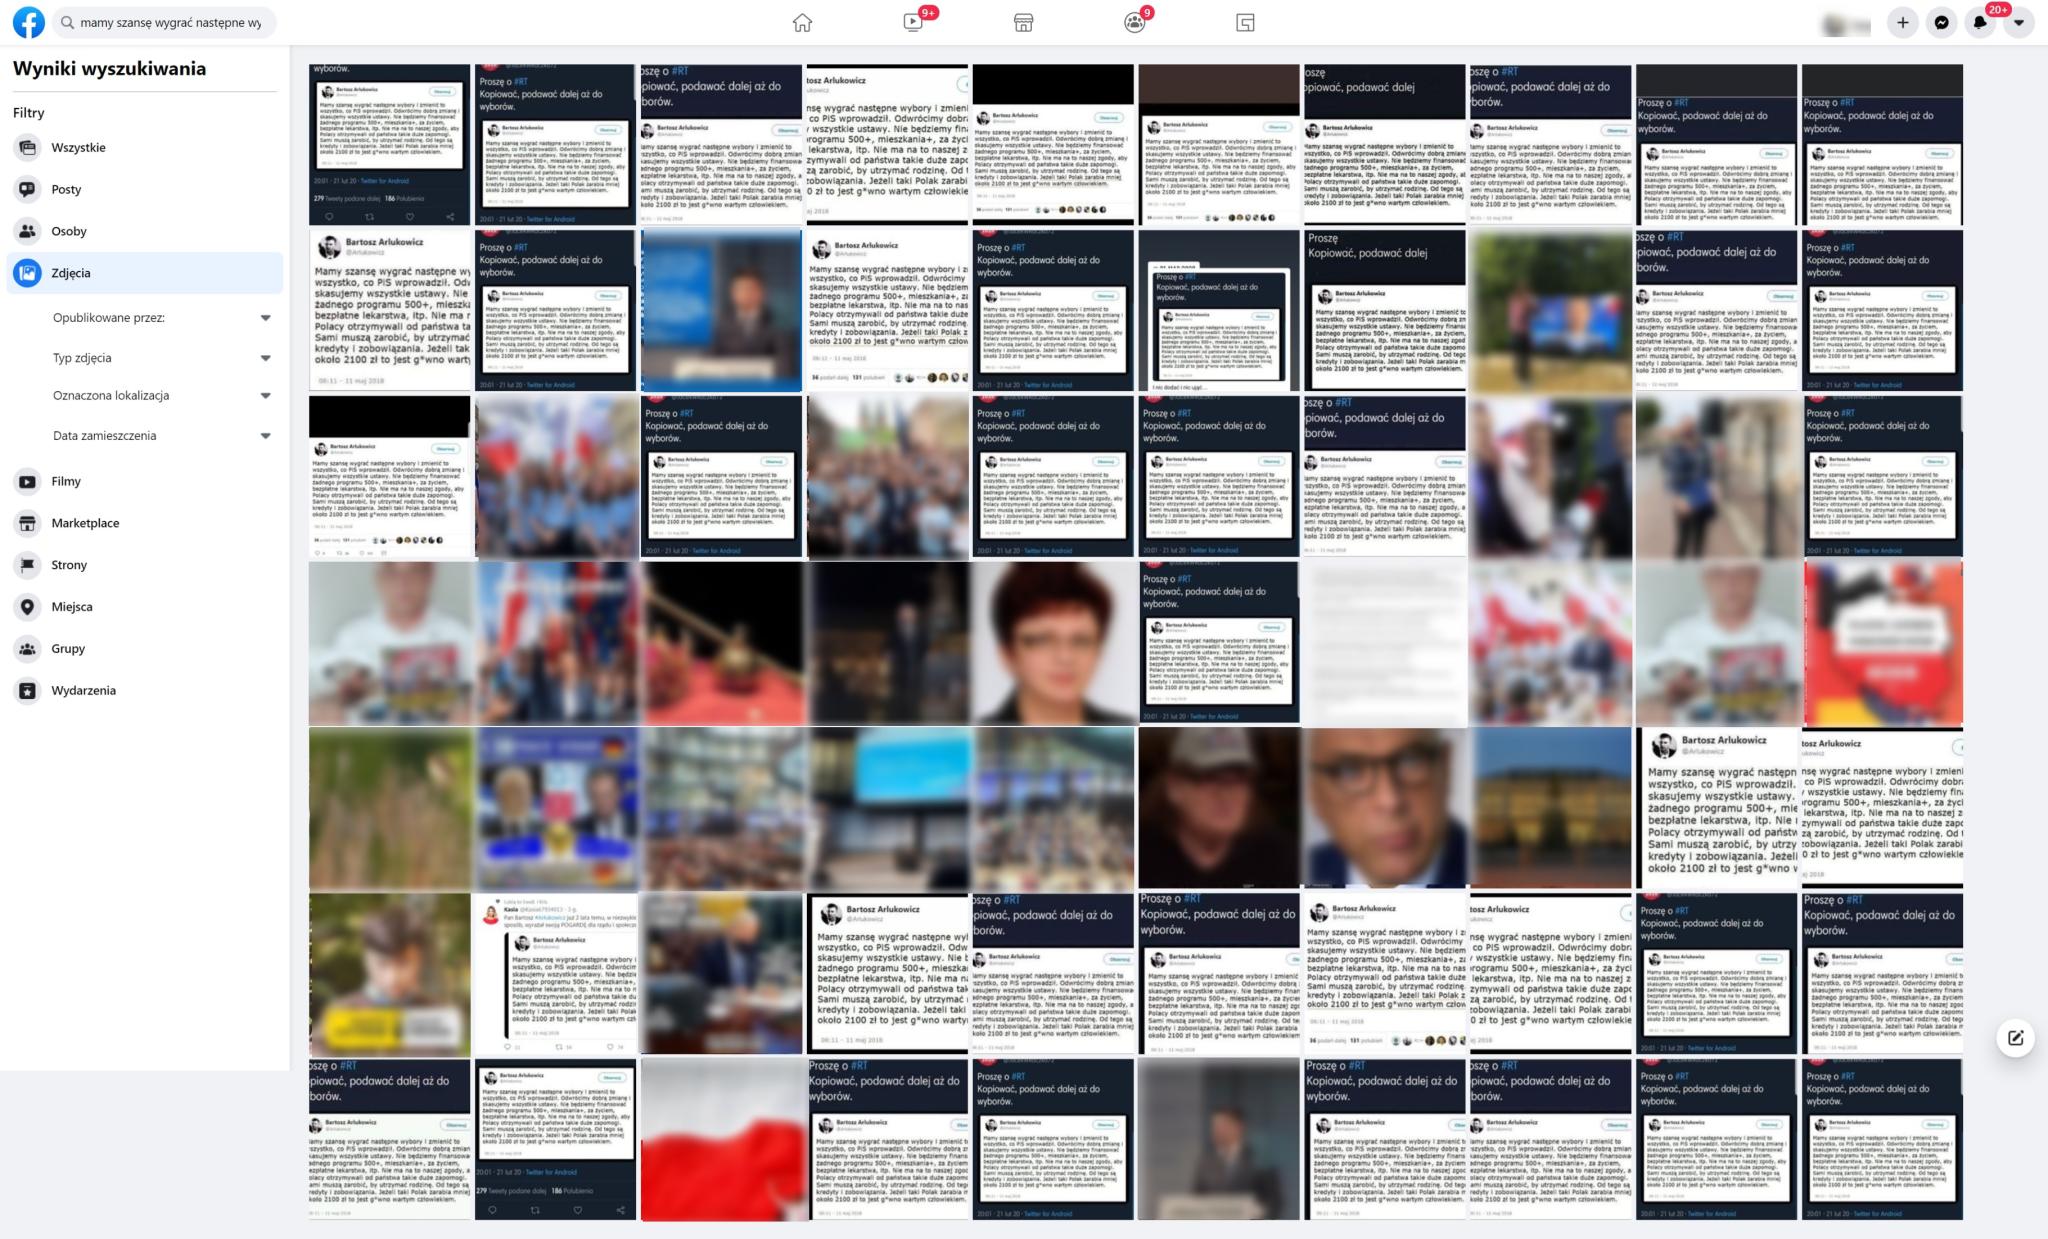 Na Facebooku znaleźliśmy dziesiątki wpisów z rzekomymi słowami Bartosza Arłukowicza